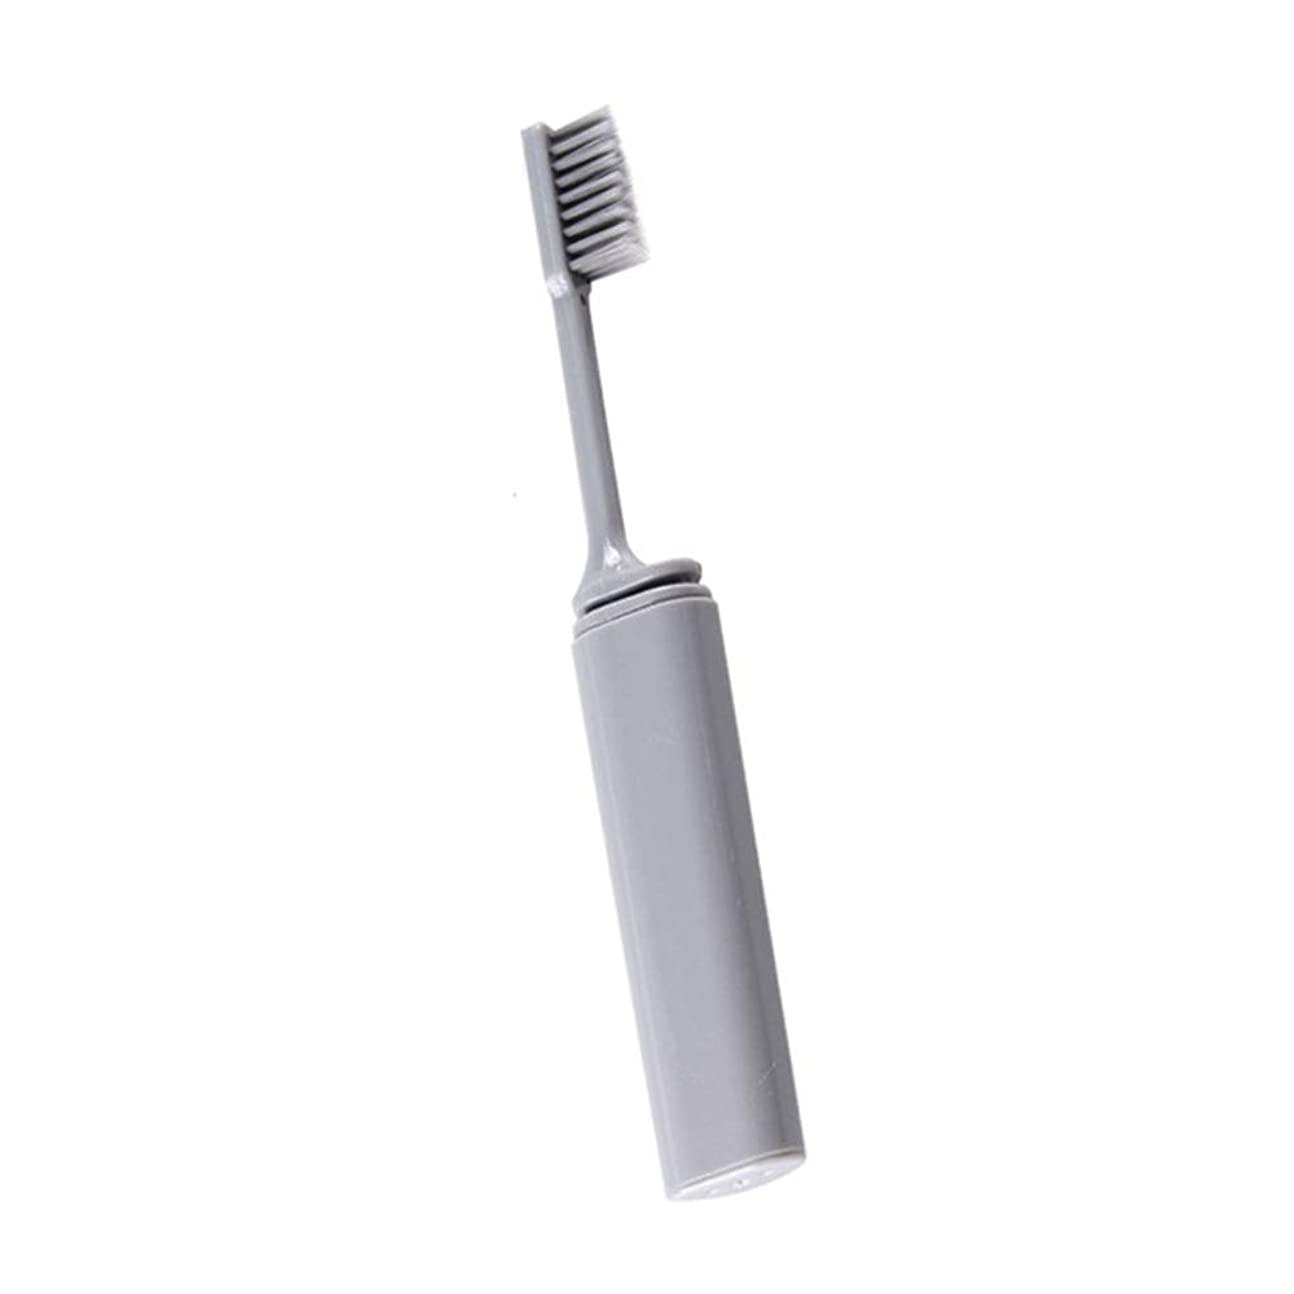 ディレイ団結する不可能なOnior 旅行歯ブラシ 折りたたみ歯ブラシ 携帯歯ブラシ 外出 旅行用品, ソフト コンパクト歯ブラシ 便利 折りたたみ 耐久性 携帯用 灰色